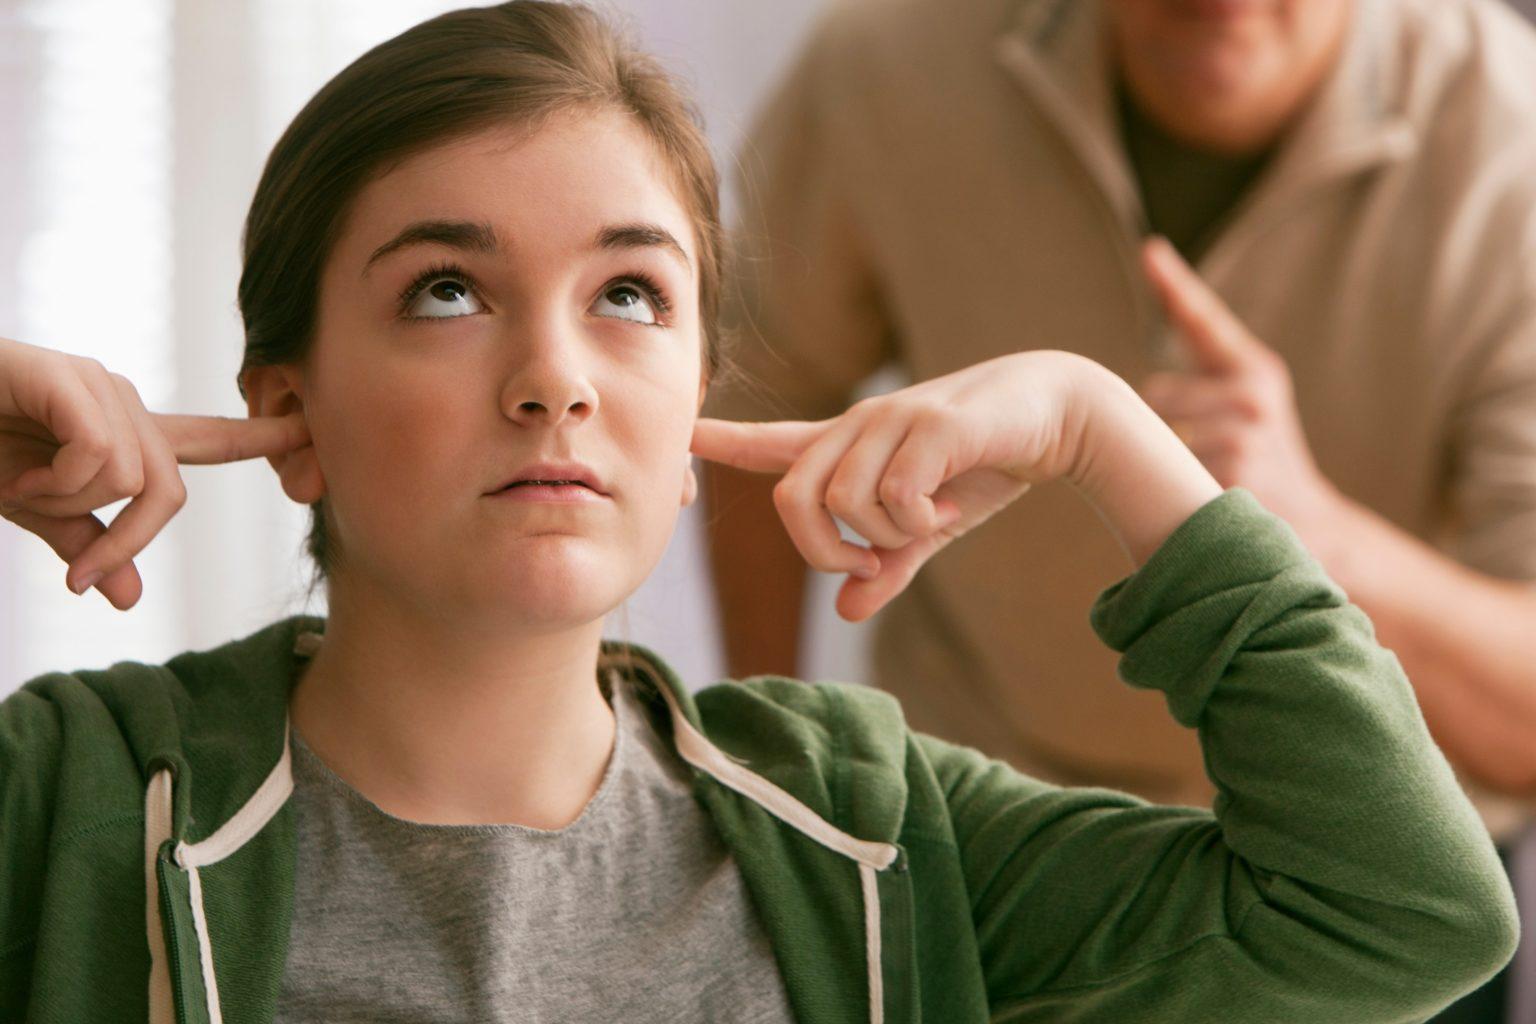 Çocukluk ve Ergenlikte Ses Kısıklığı Neden Olur